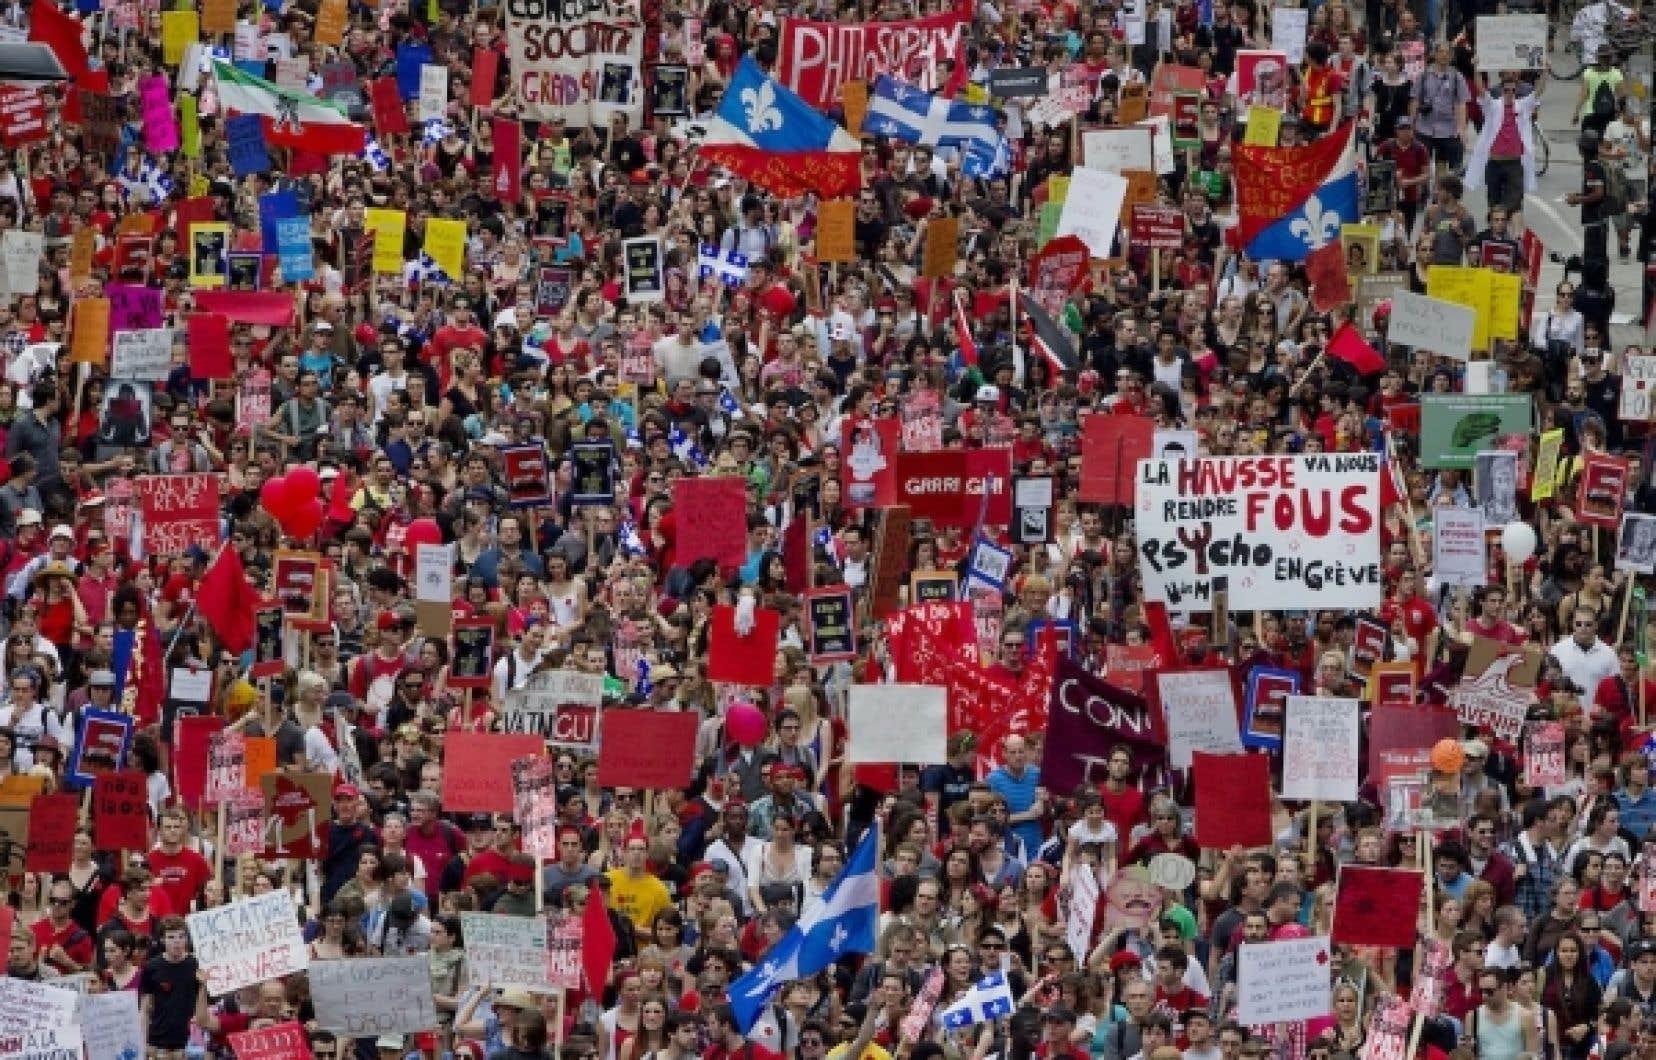 Selon les organisateurs de la manifestation &eacute;tudiantes, ils &eacute;taient 200 000 dans les rues de Montr&eacute;al pour d&eacute;noncer la hausse des droits de scolarit&eacute;.<br />